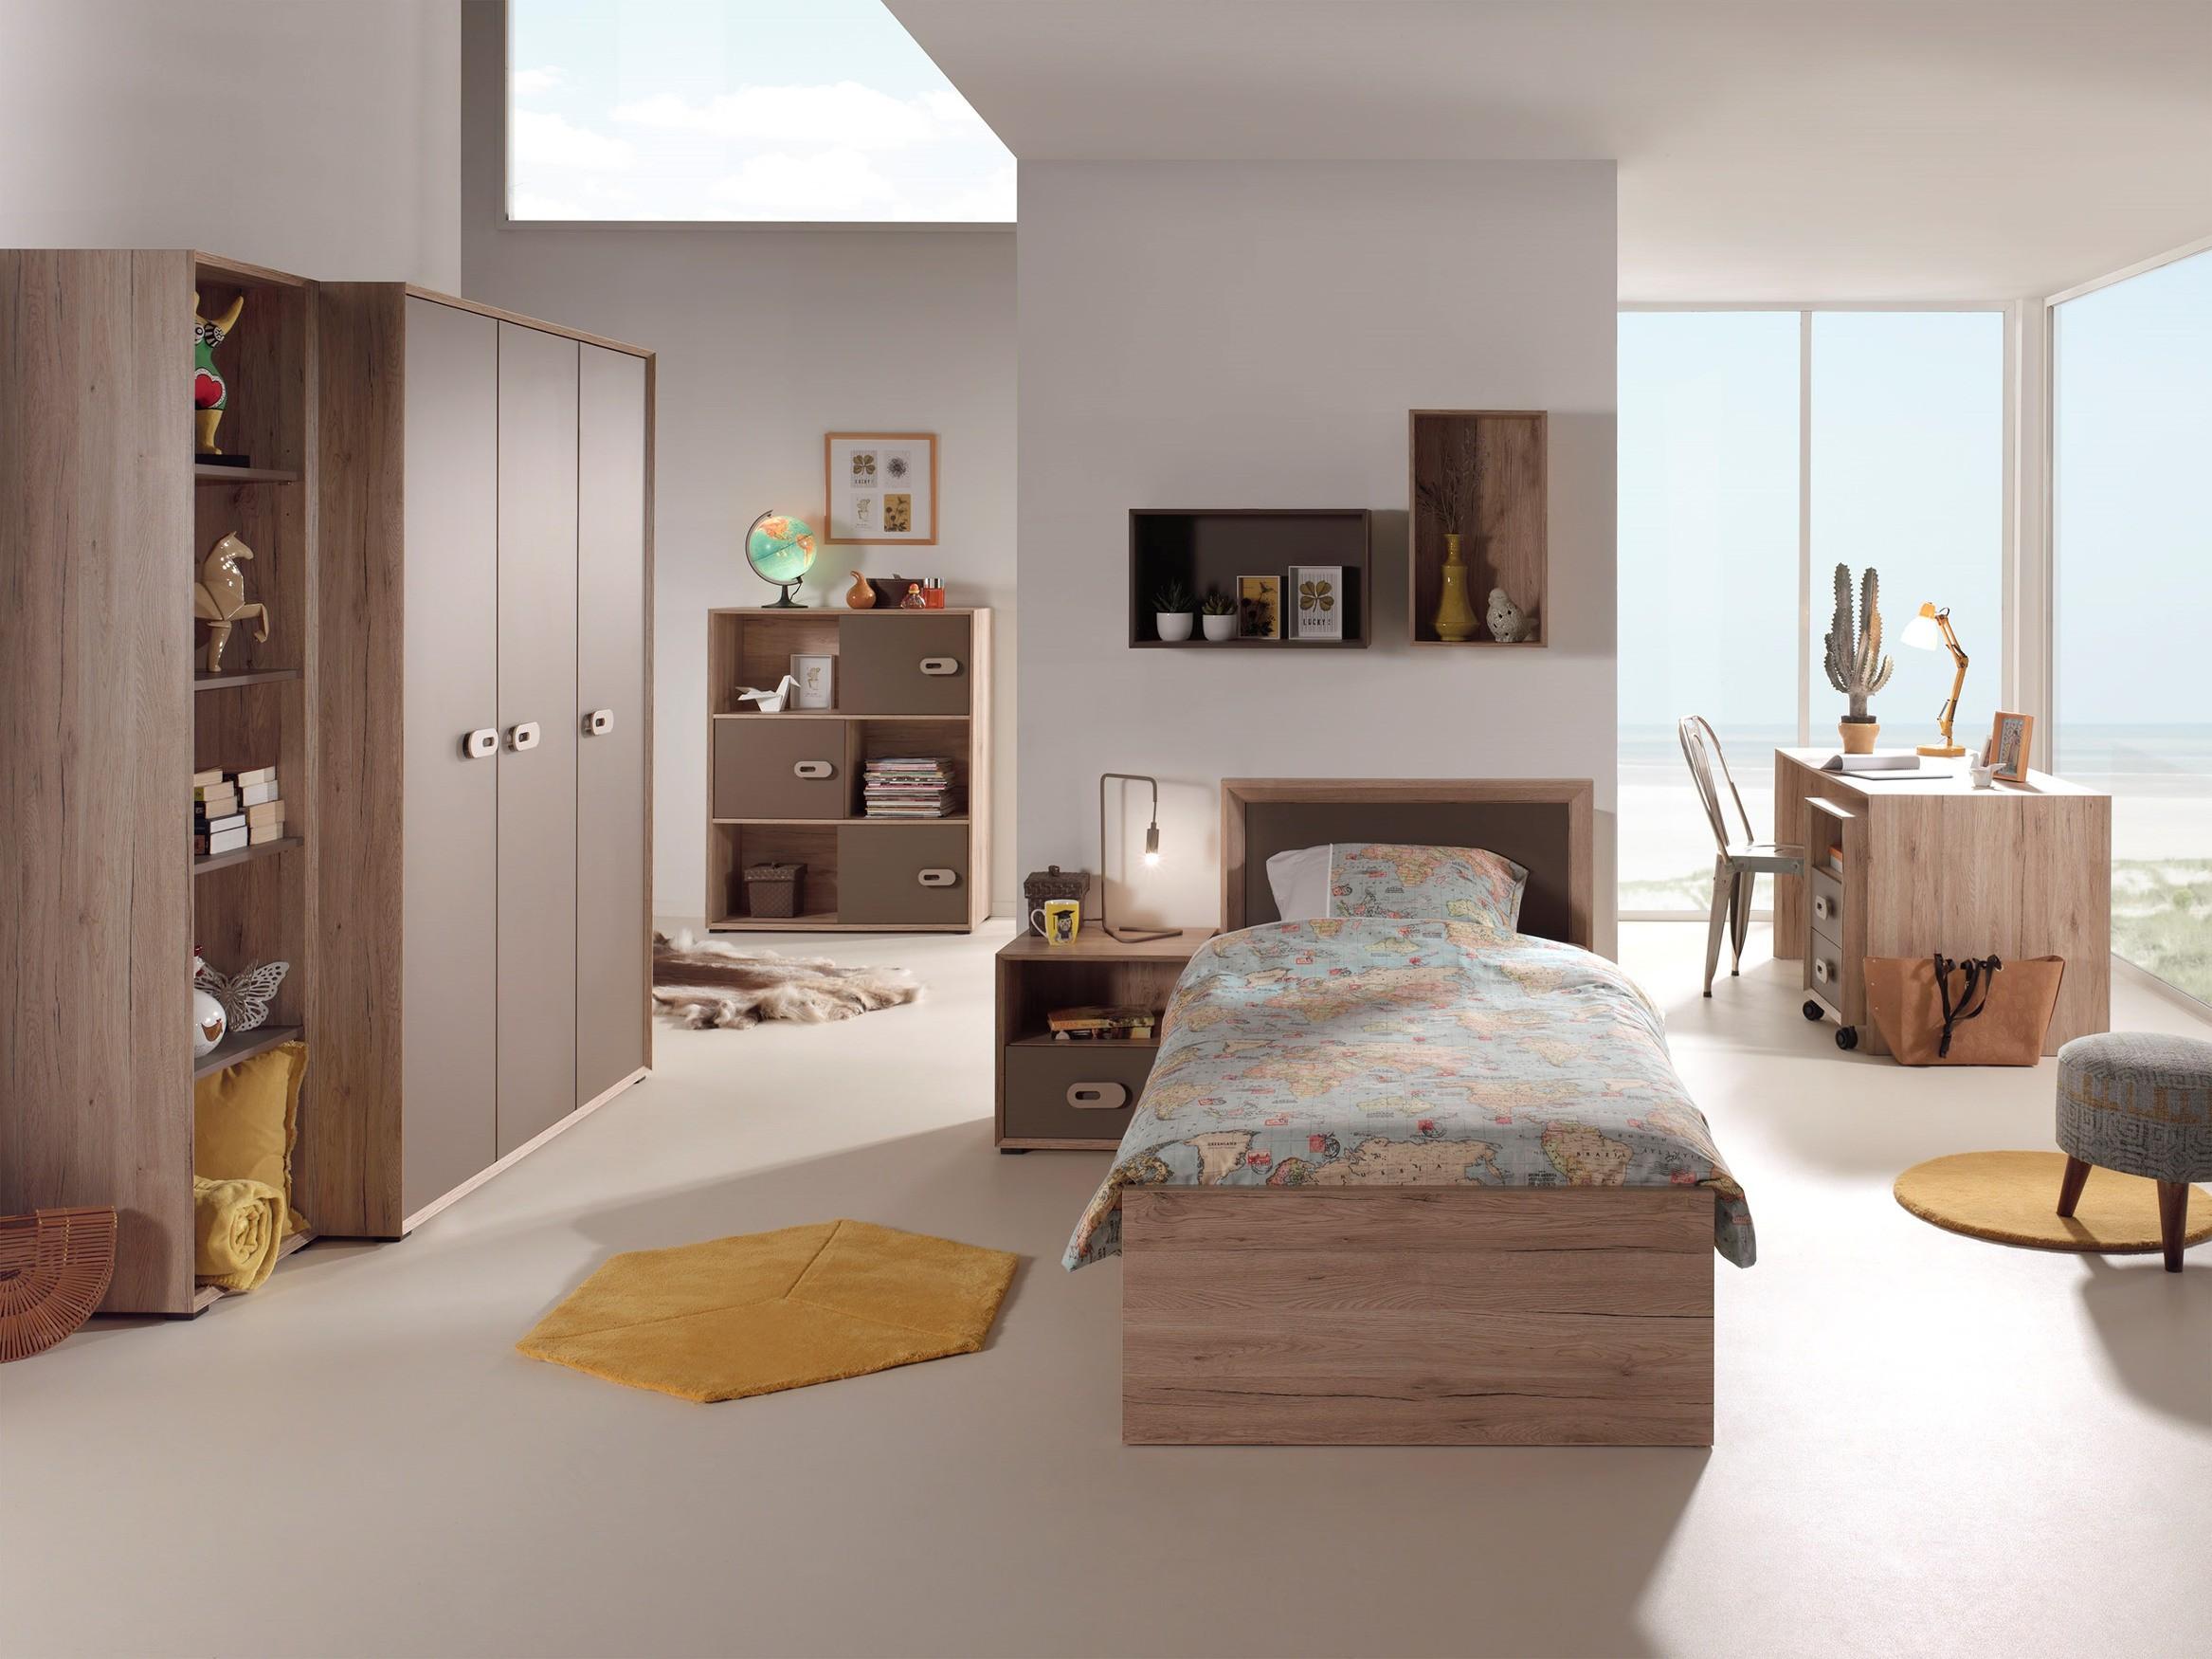 regal emma 3 schiebet ren eiche san remo braun. Black Bedroom Furniture Sets. Home Design Ideas